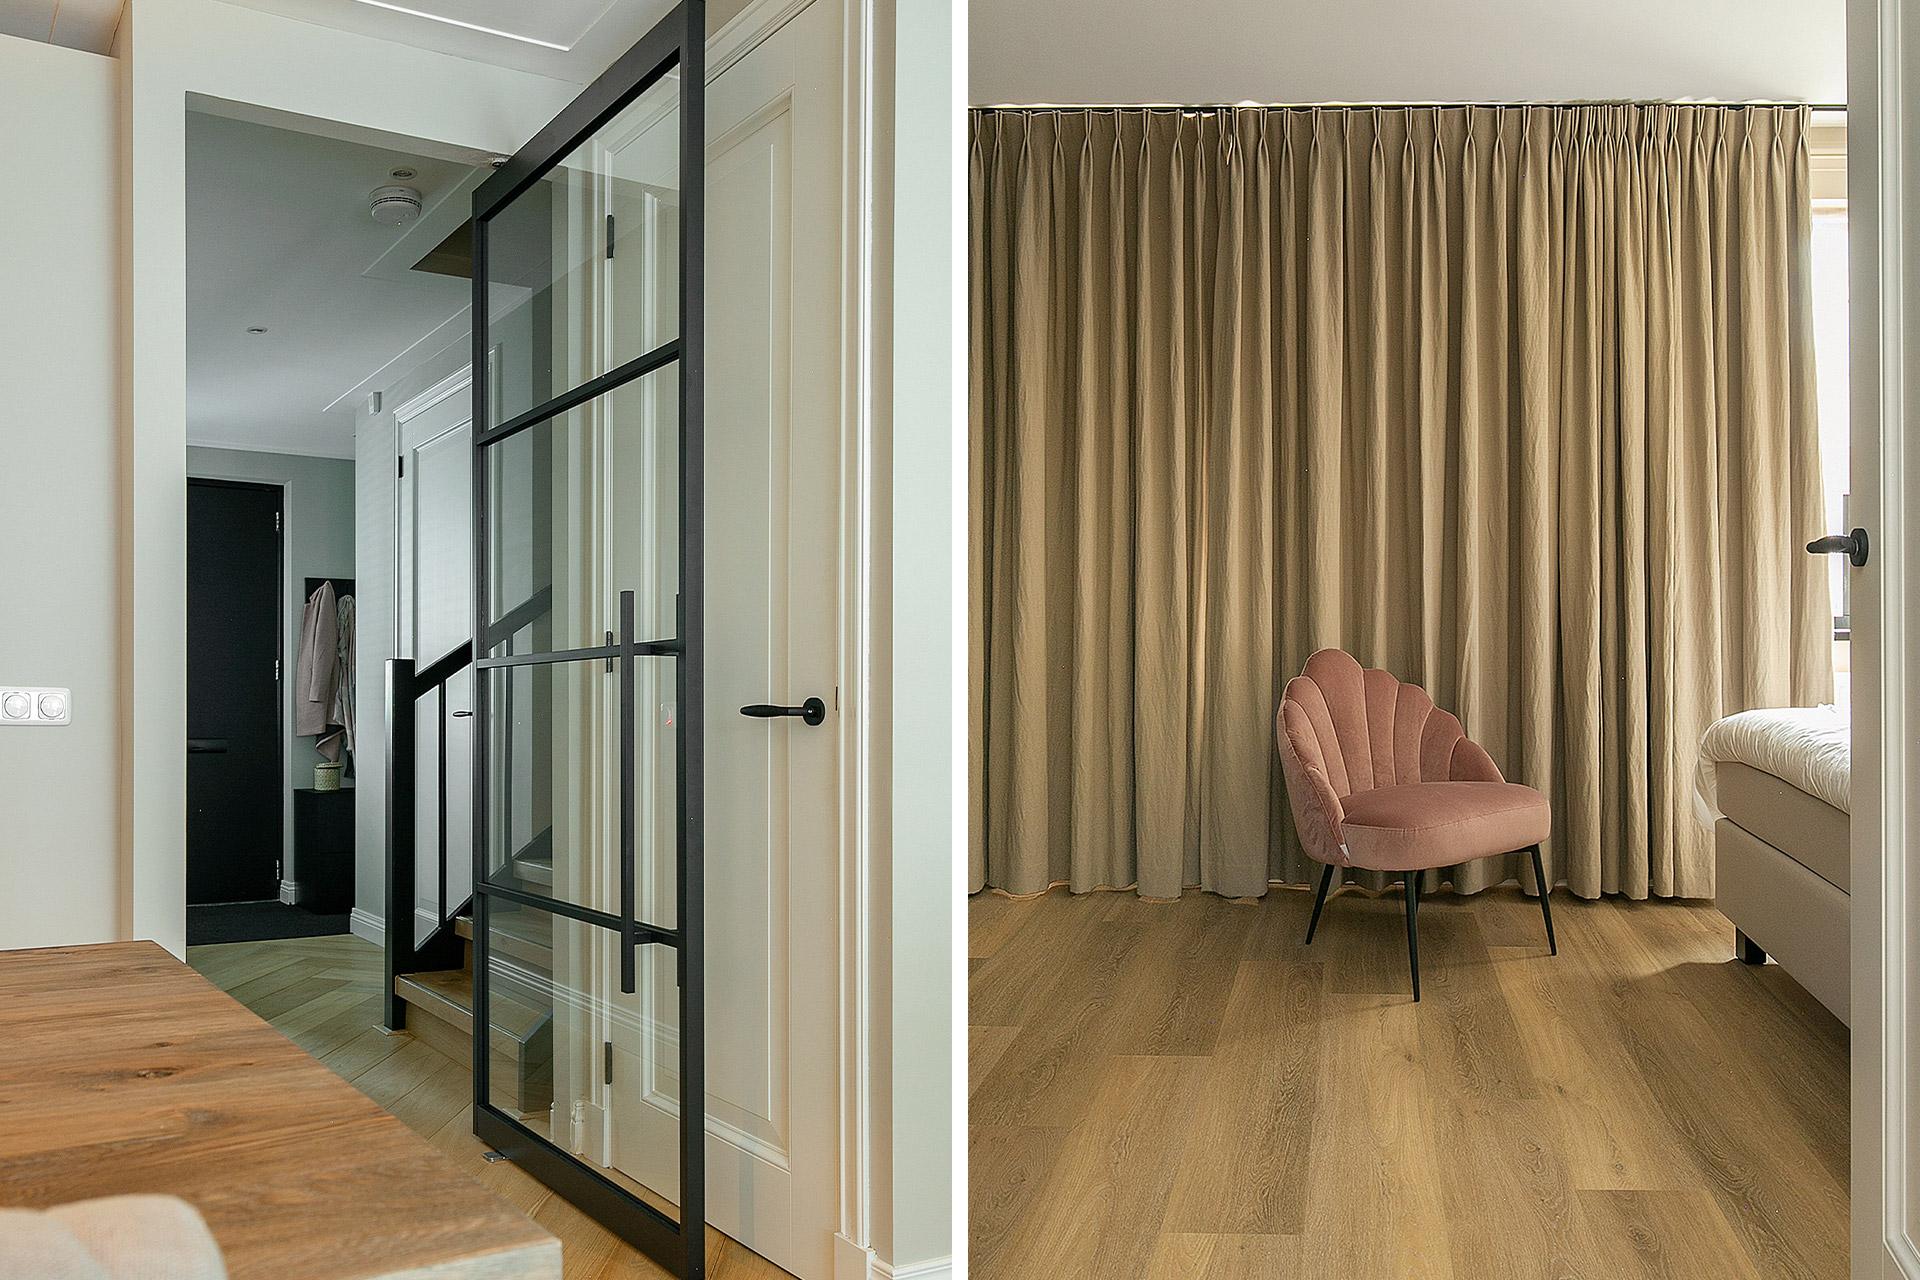 Project totaalconcept in Lisse: van visgraat vloer tot taatsdeuren, raamdecoratie en inbouwkasten